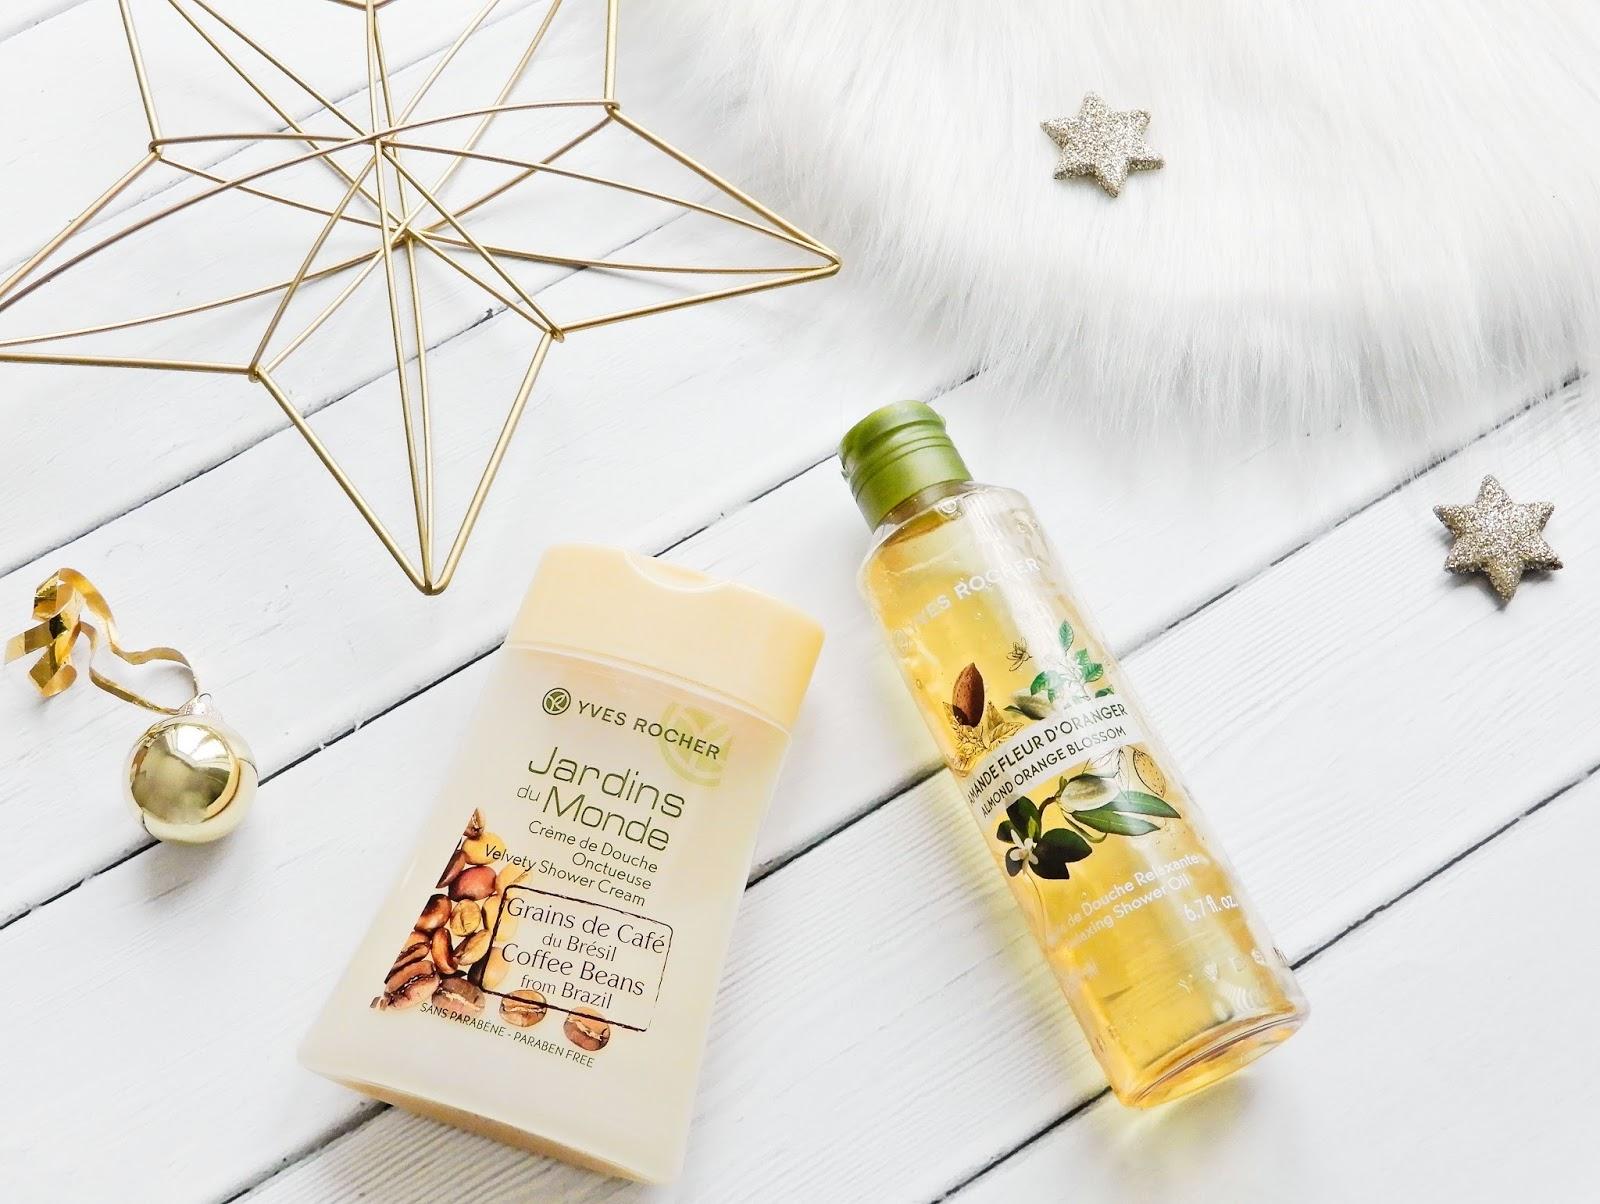 Yves Rocher Relaksujący olejek pod prysznic migdał i kwiat pomarańczy, Yves Rocher Kremowy żel pod prysznic o zapachu ziaren kawy z Brazylii,